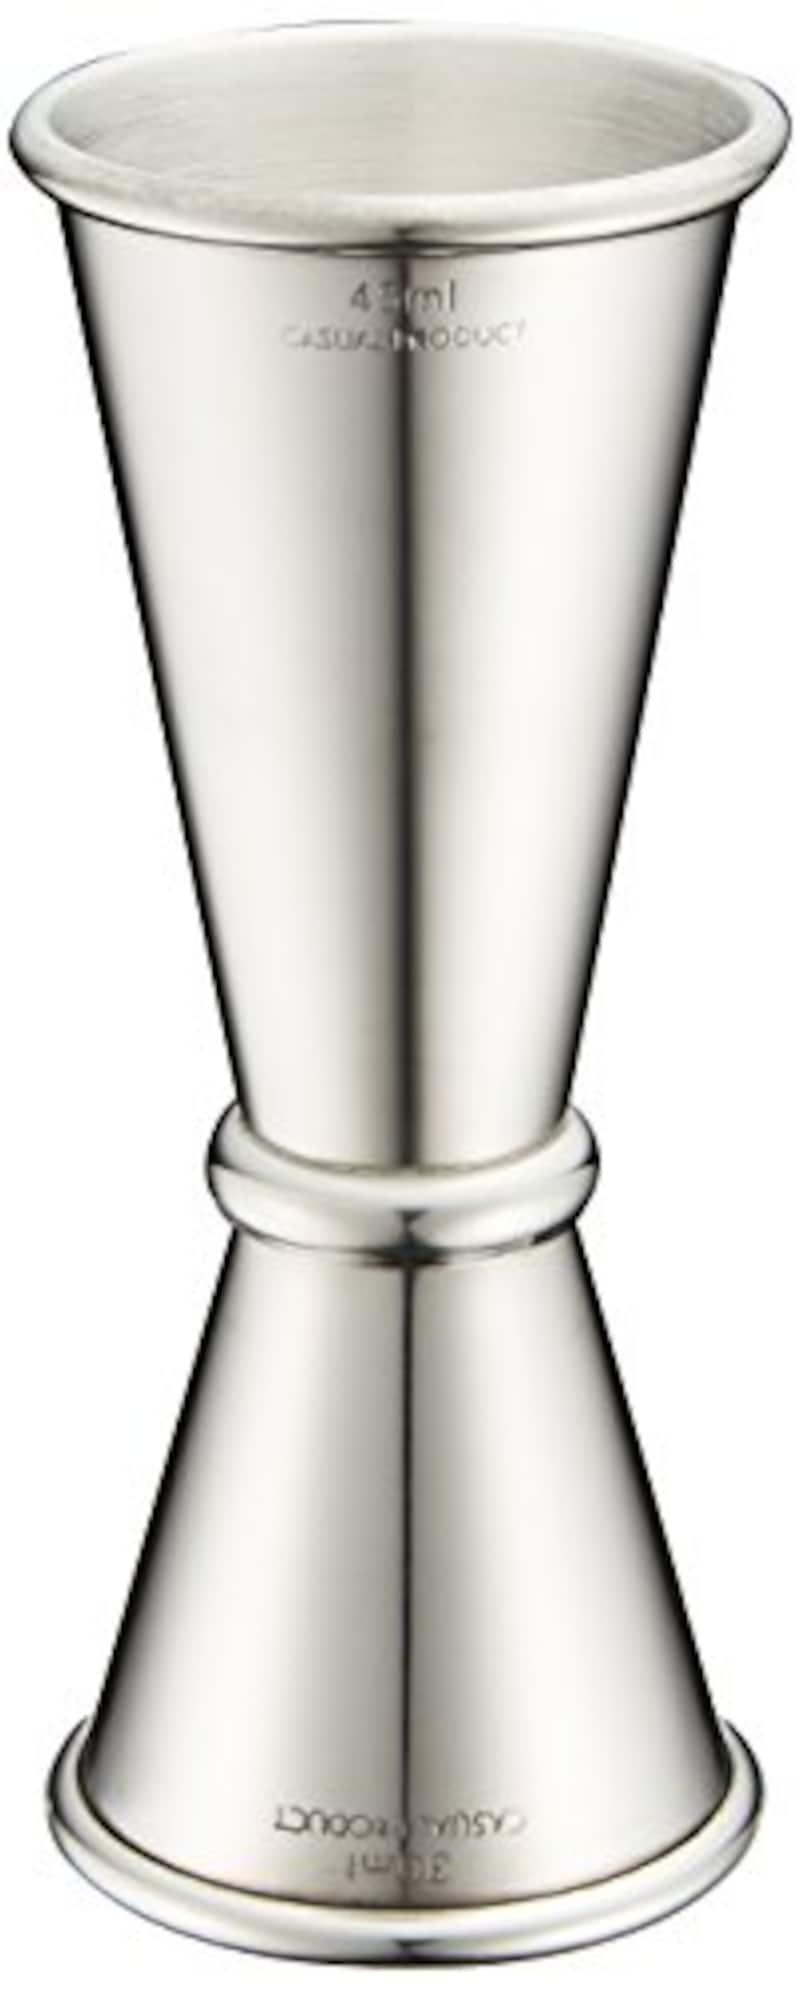 青芳,CASUAL PRODUCT NEWスタンダードメジャーカップ M,027246